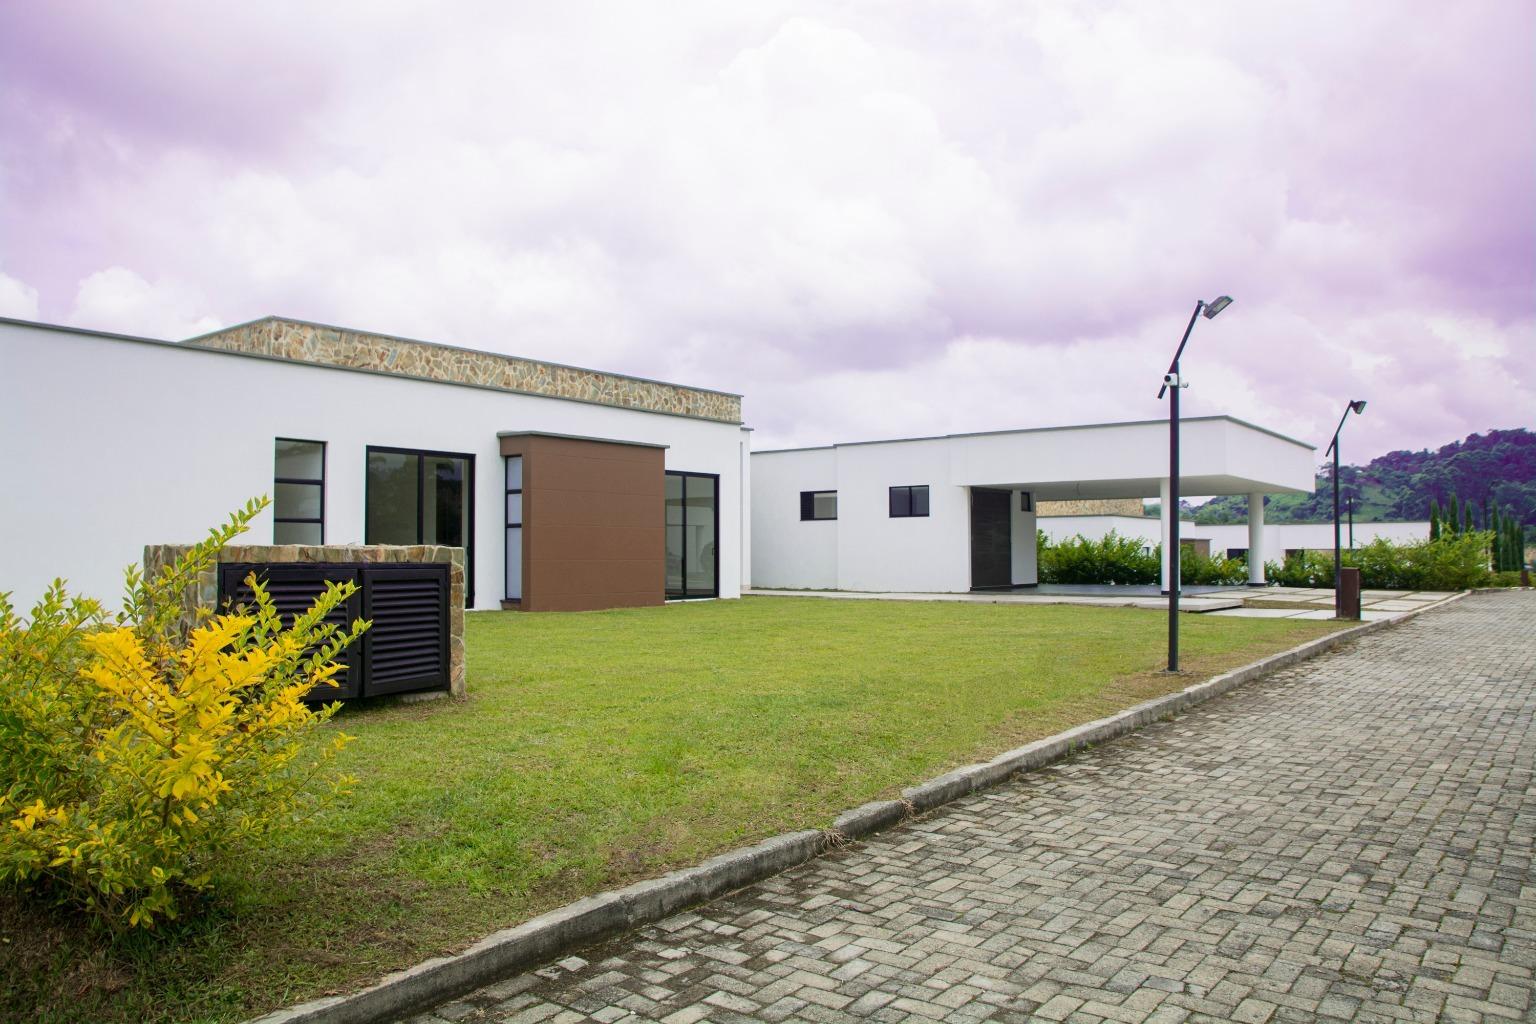 98938 - Exclusiva casa campestre en la mejor zona de la ciudad